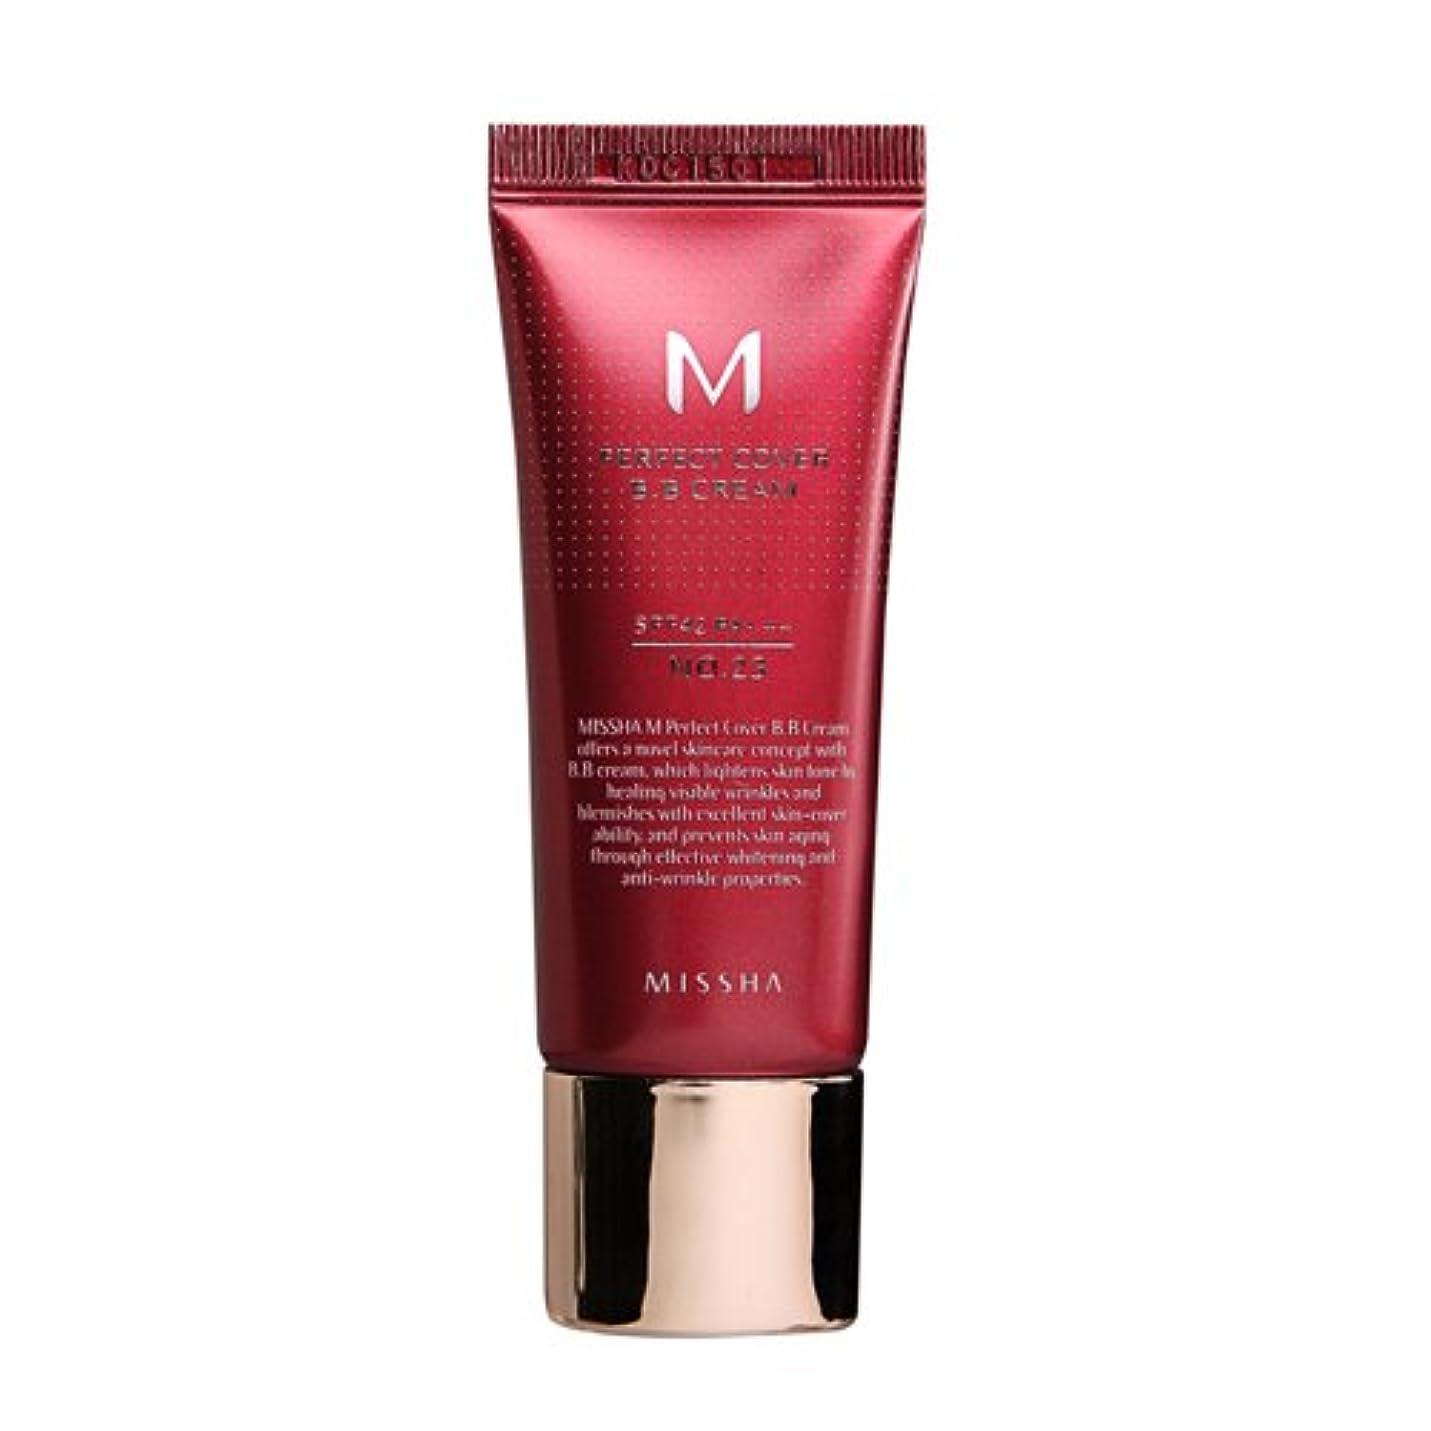 チャンバー汚れるを必要としていますミシャ Missha M パーフェクト カバー BBクリーム SPF42 PA+++ (23号:ナチュラルベージュ) 20g